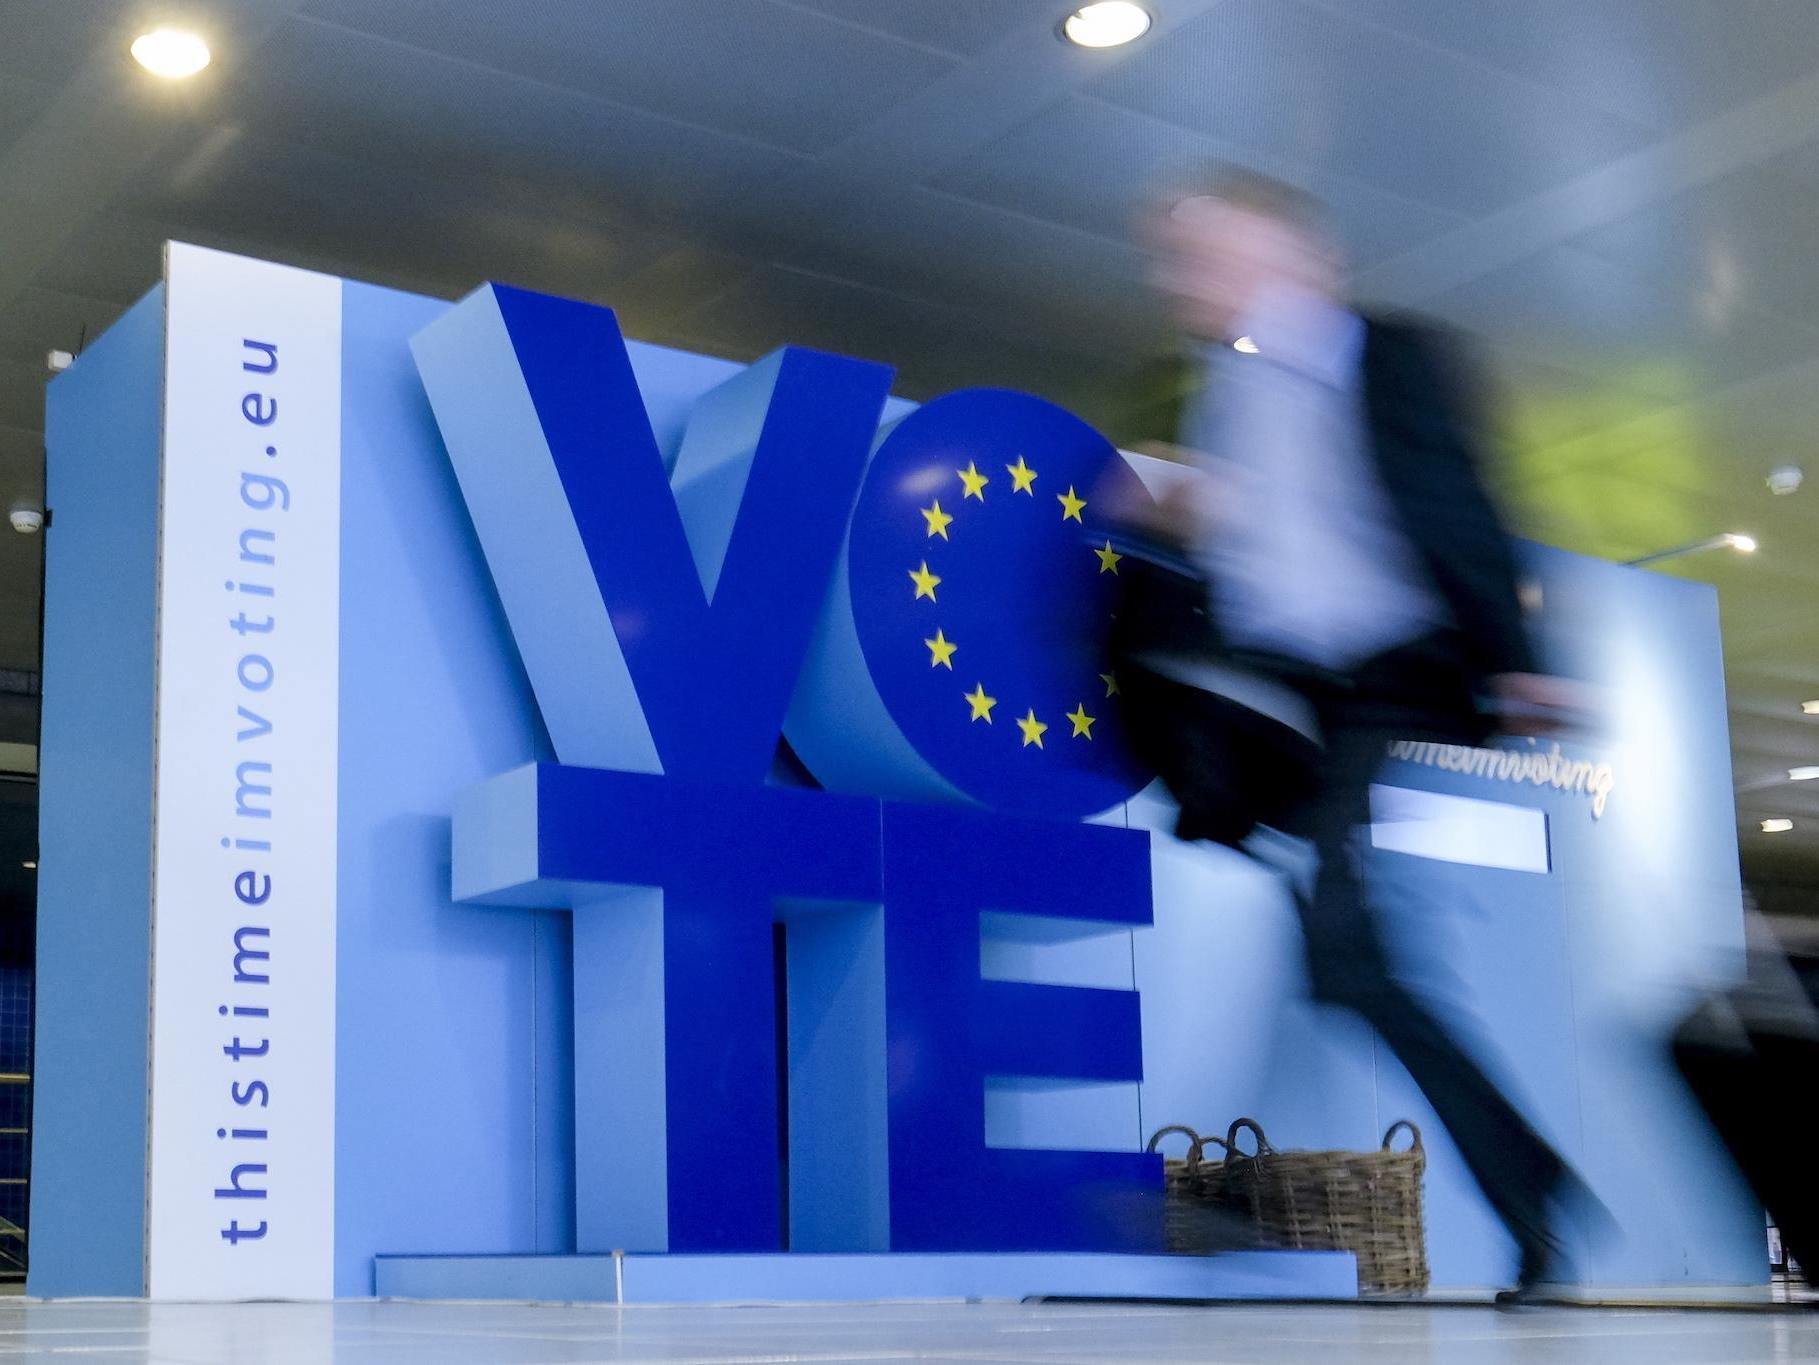 Ευρωεκλογές: Μεταξύ 49% και 52% θα είναι η τελική συμμετοχή στα 28 κράτη μέλη